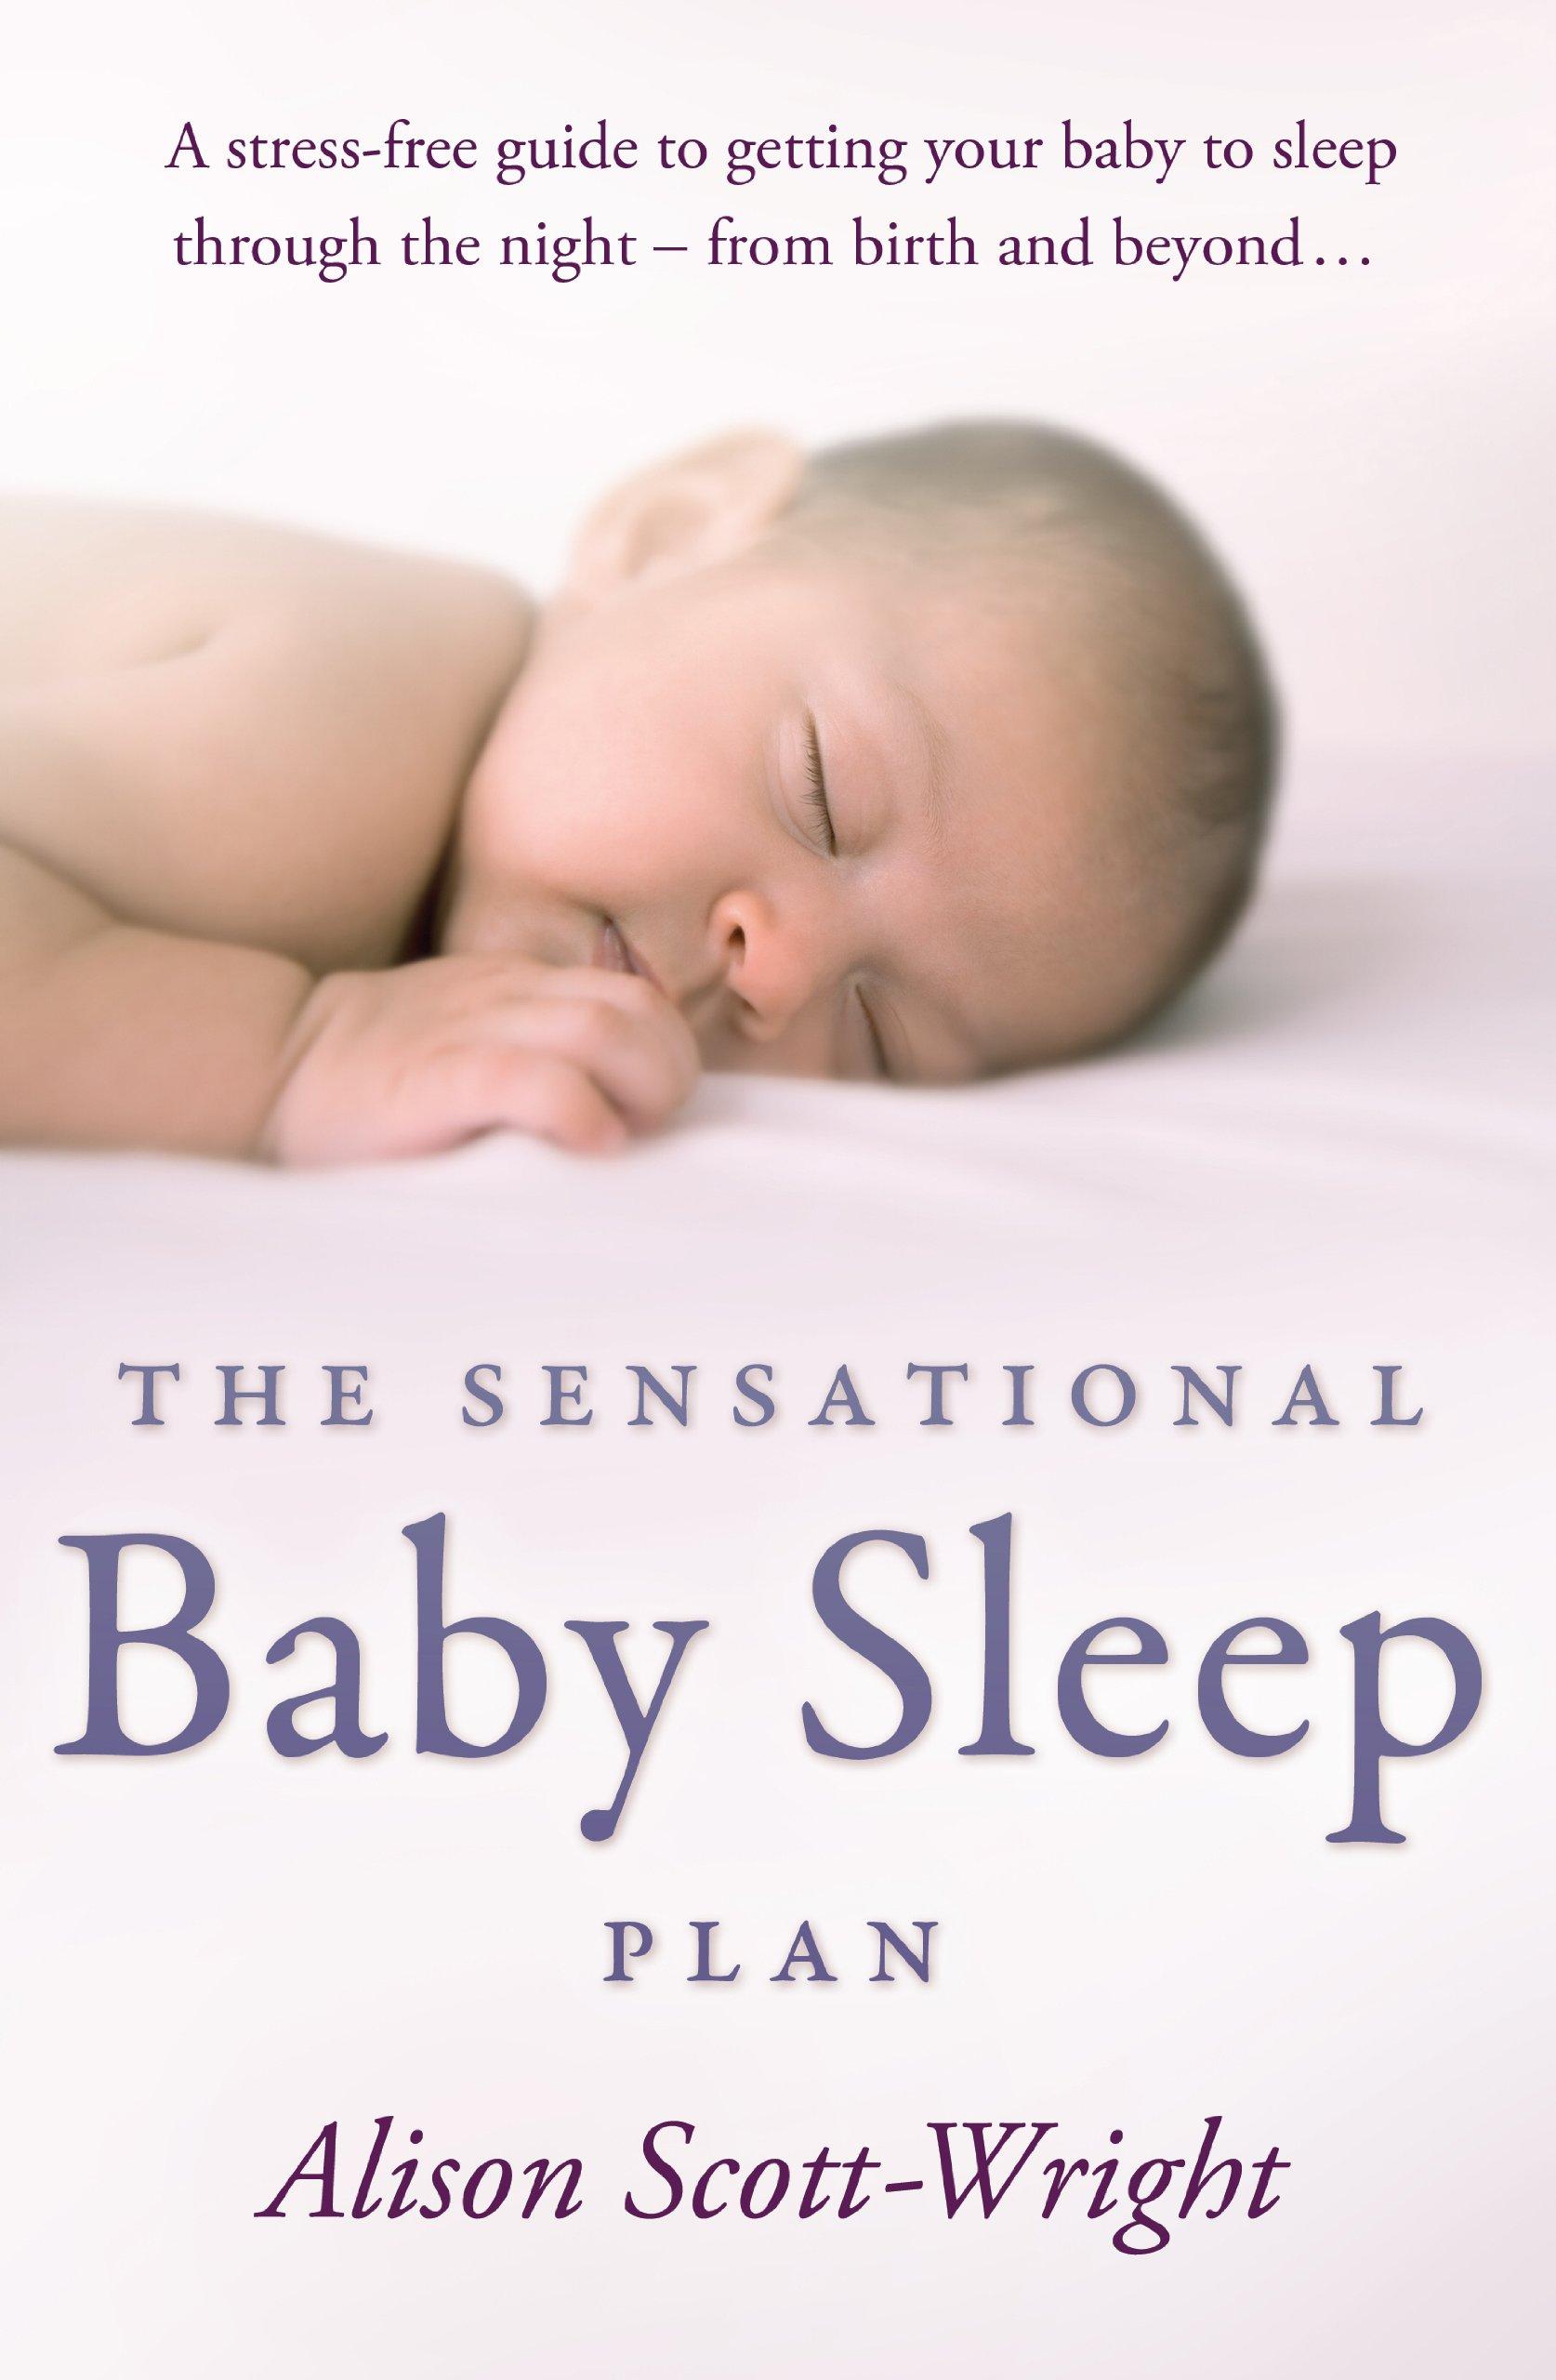 The Sensational Baby Sleep Plan: Amazon.es: Alison Scott-Wright: Libros en idiomas extranjeros